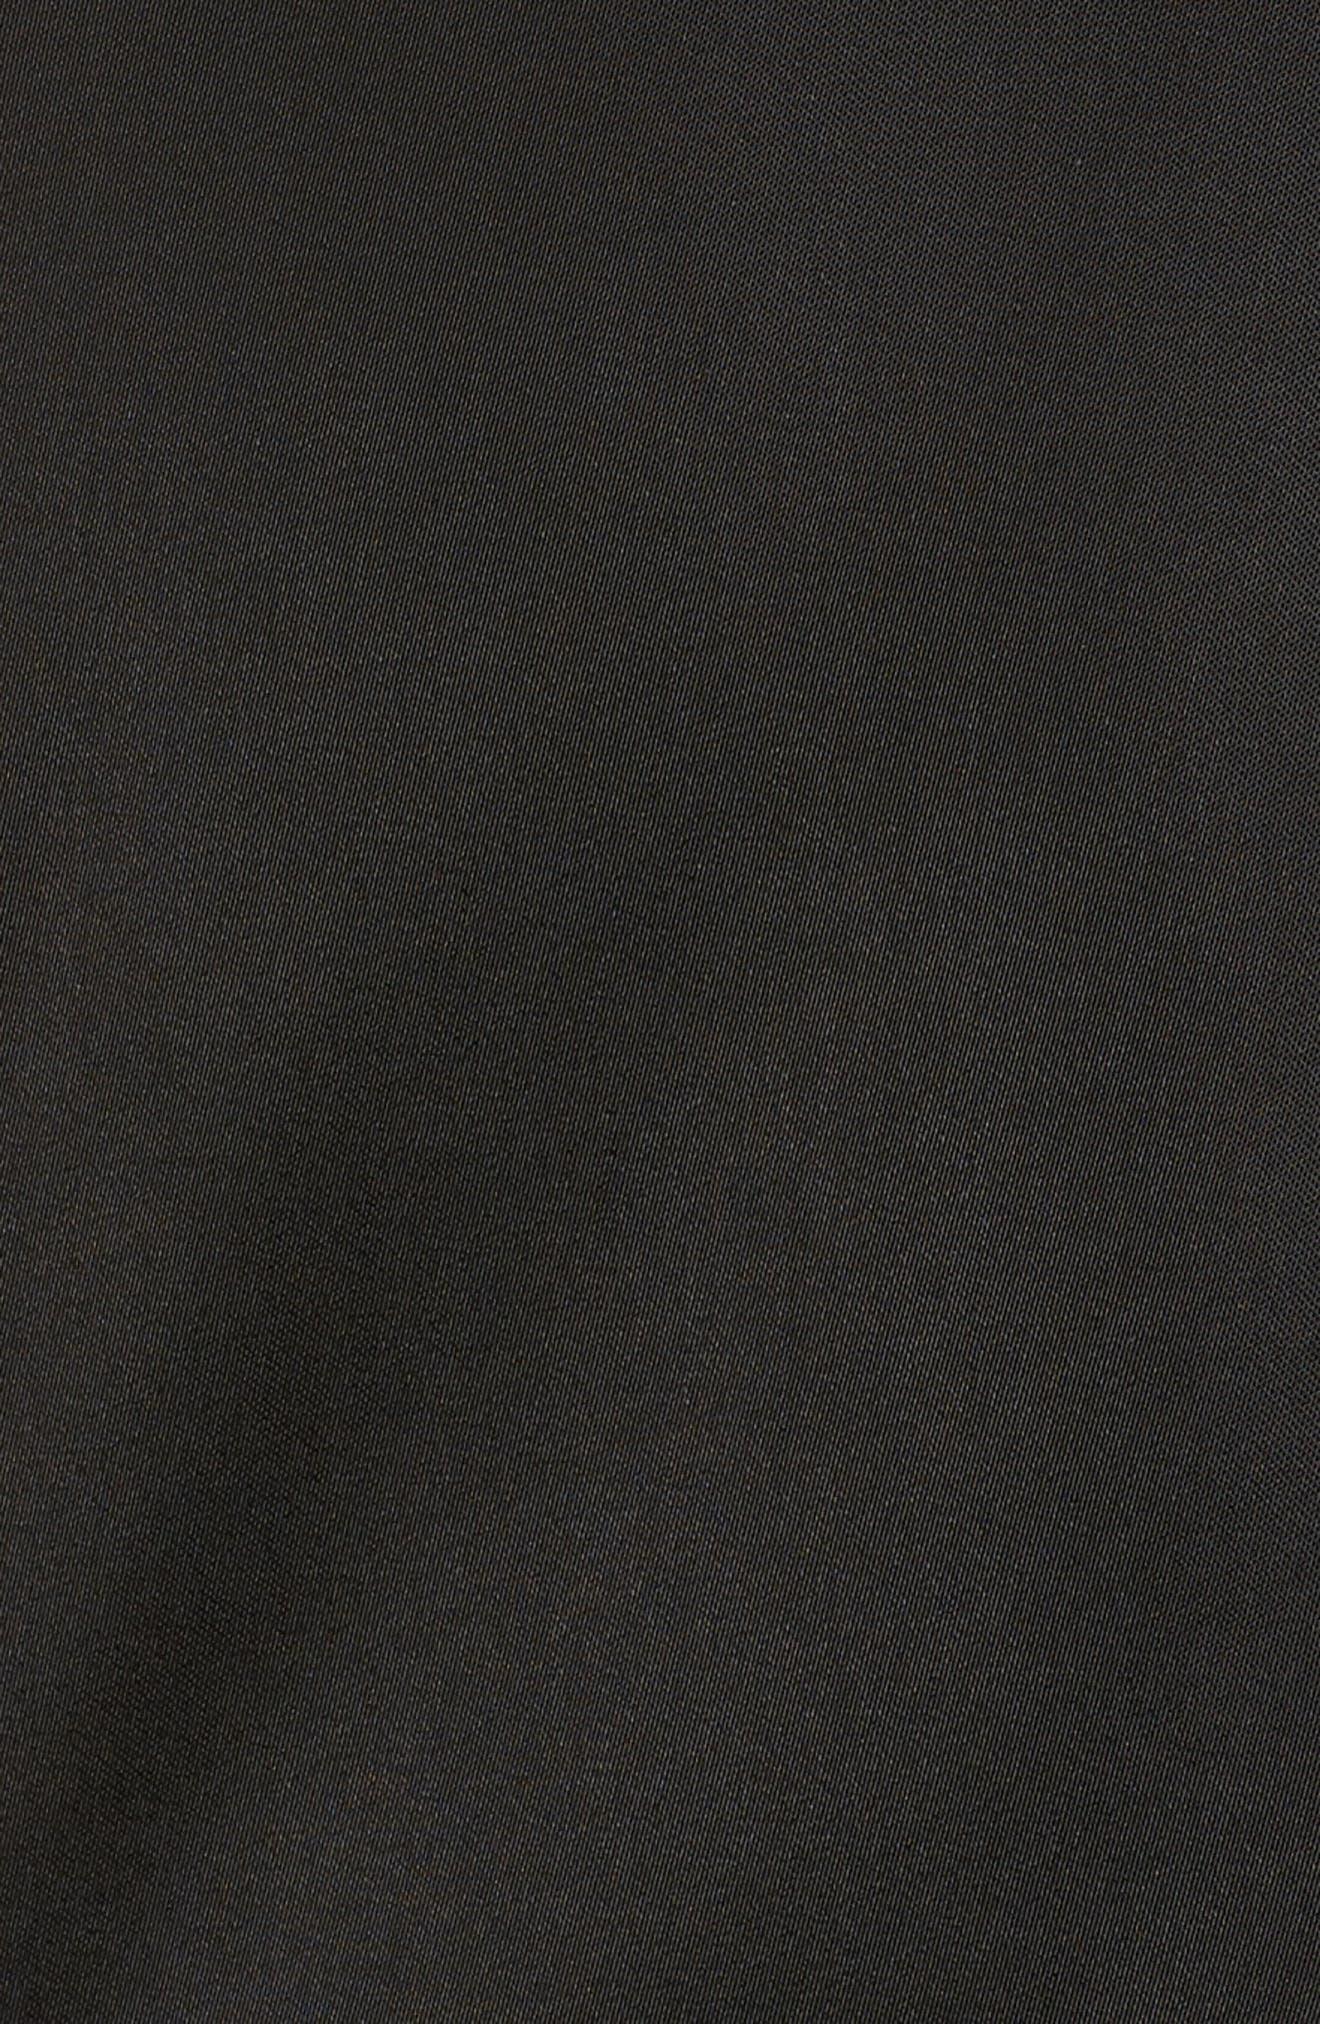 Faux Fur Trim Military Jacket,                             Alternate thumbnail 6, color,                             001